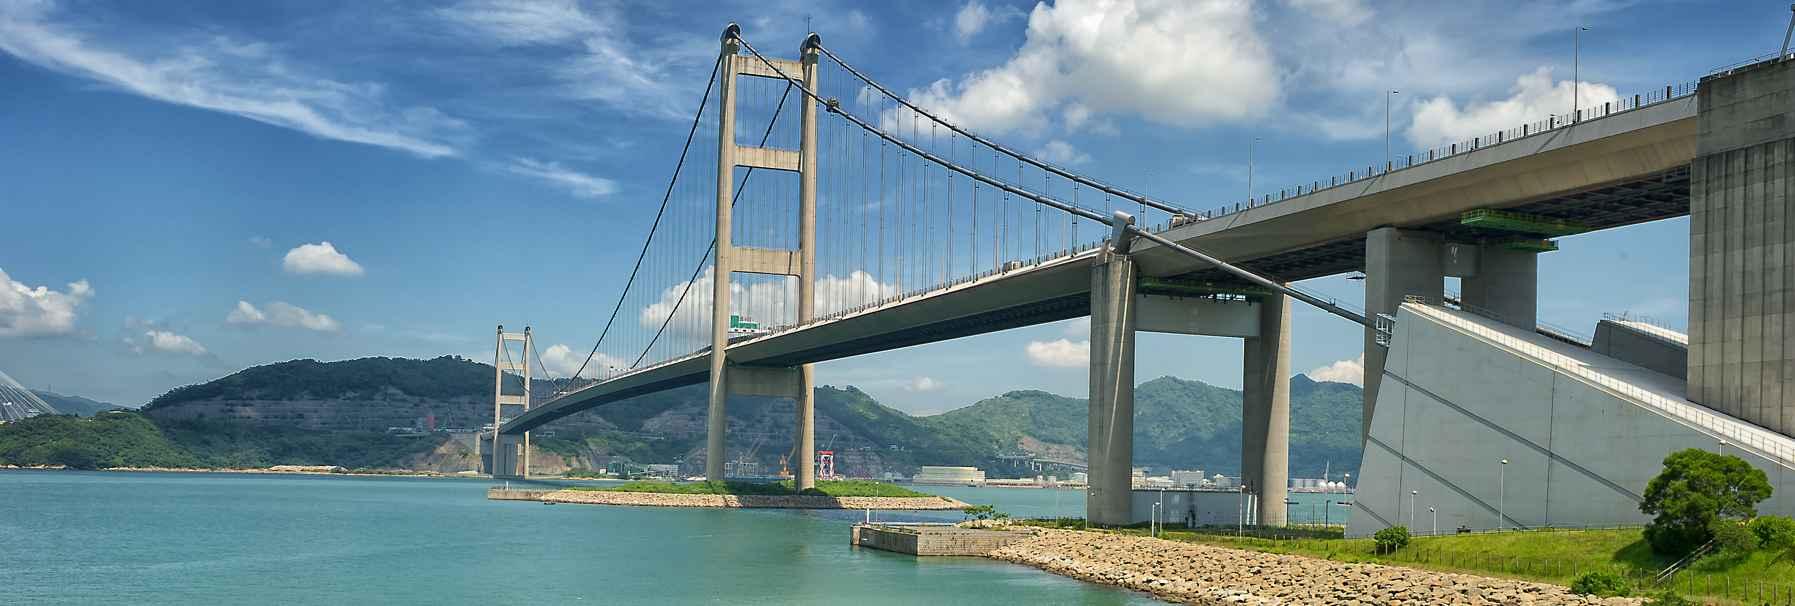 香港 10 大無障礙景點推介 | 推薦文章|香港一站式 ♿ 無障礙資訊平臺|無障礙旅遊指南|Free Guider